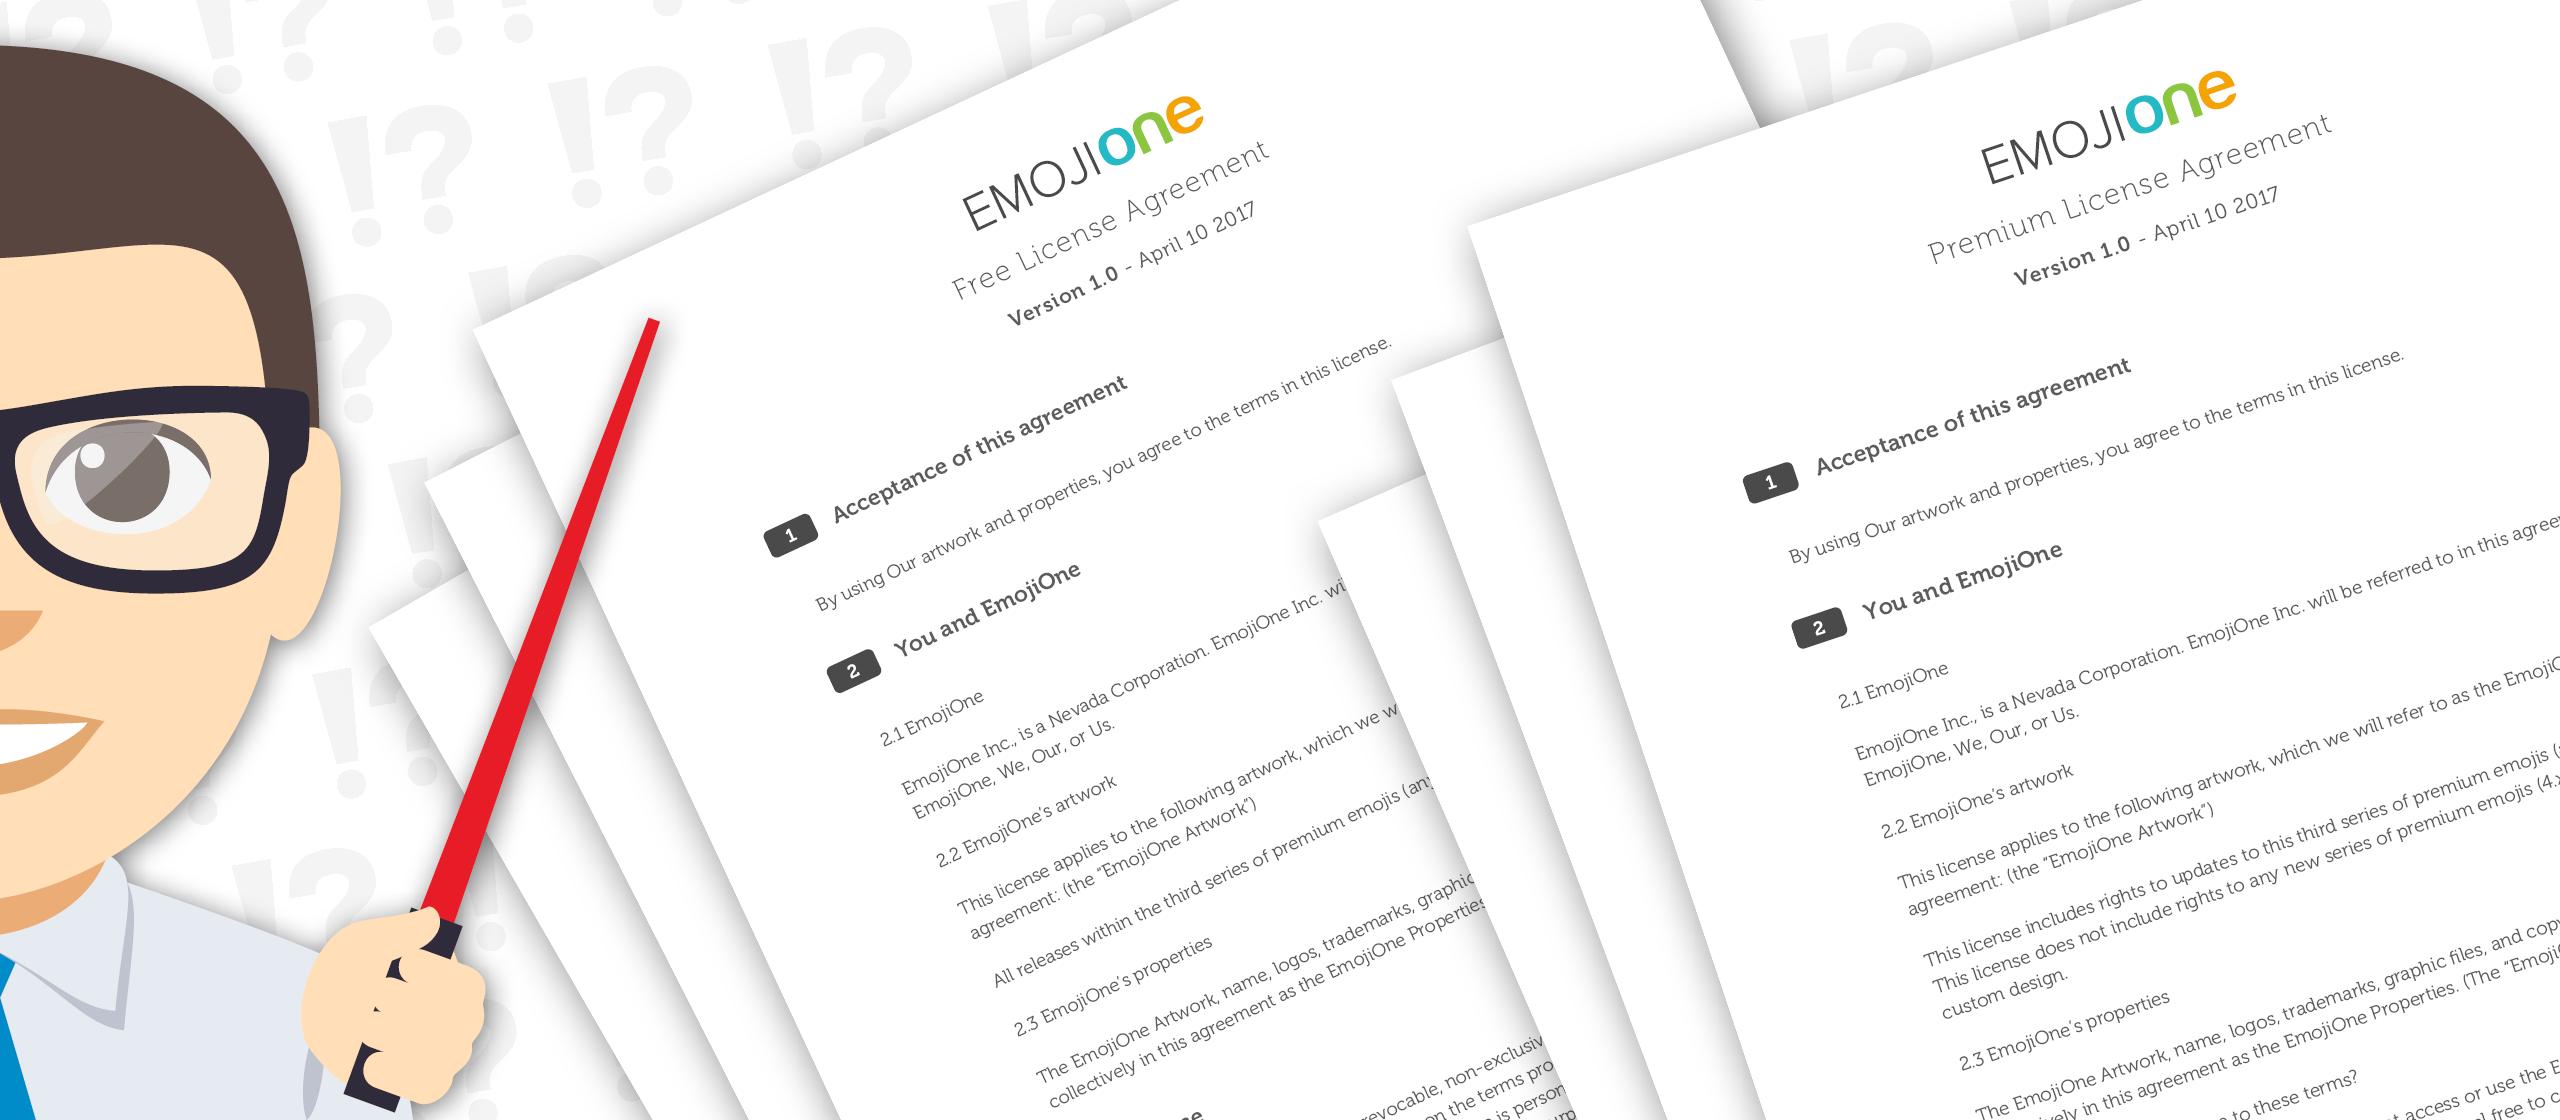 EmojiOne 3.0 New Licensing Explained   EmojiOne Blog